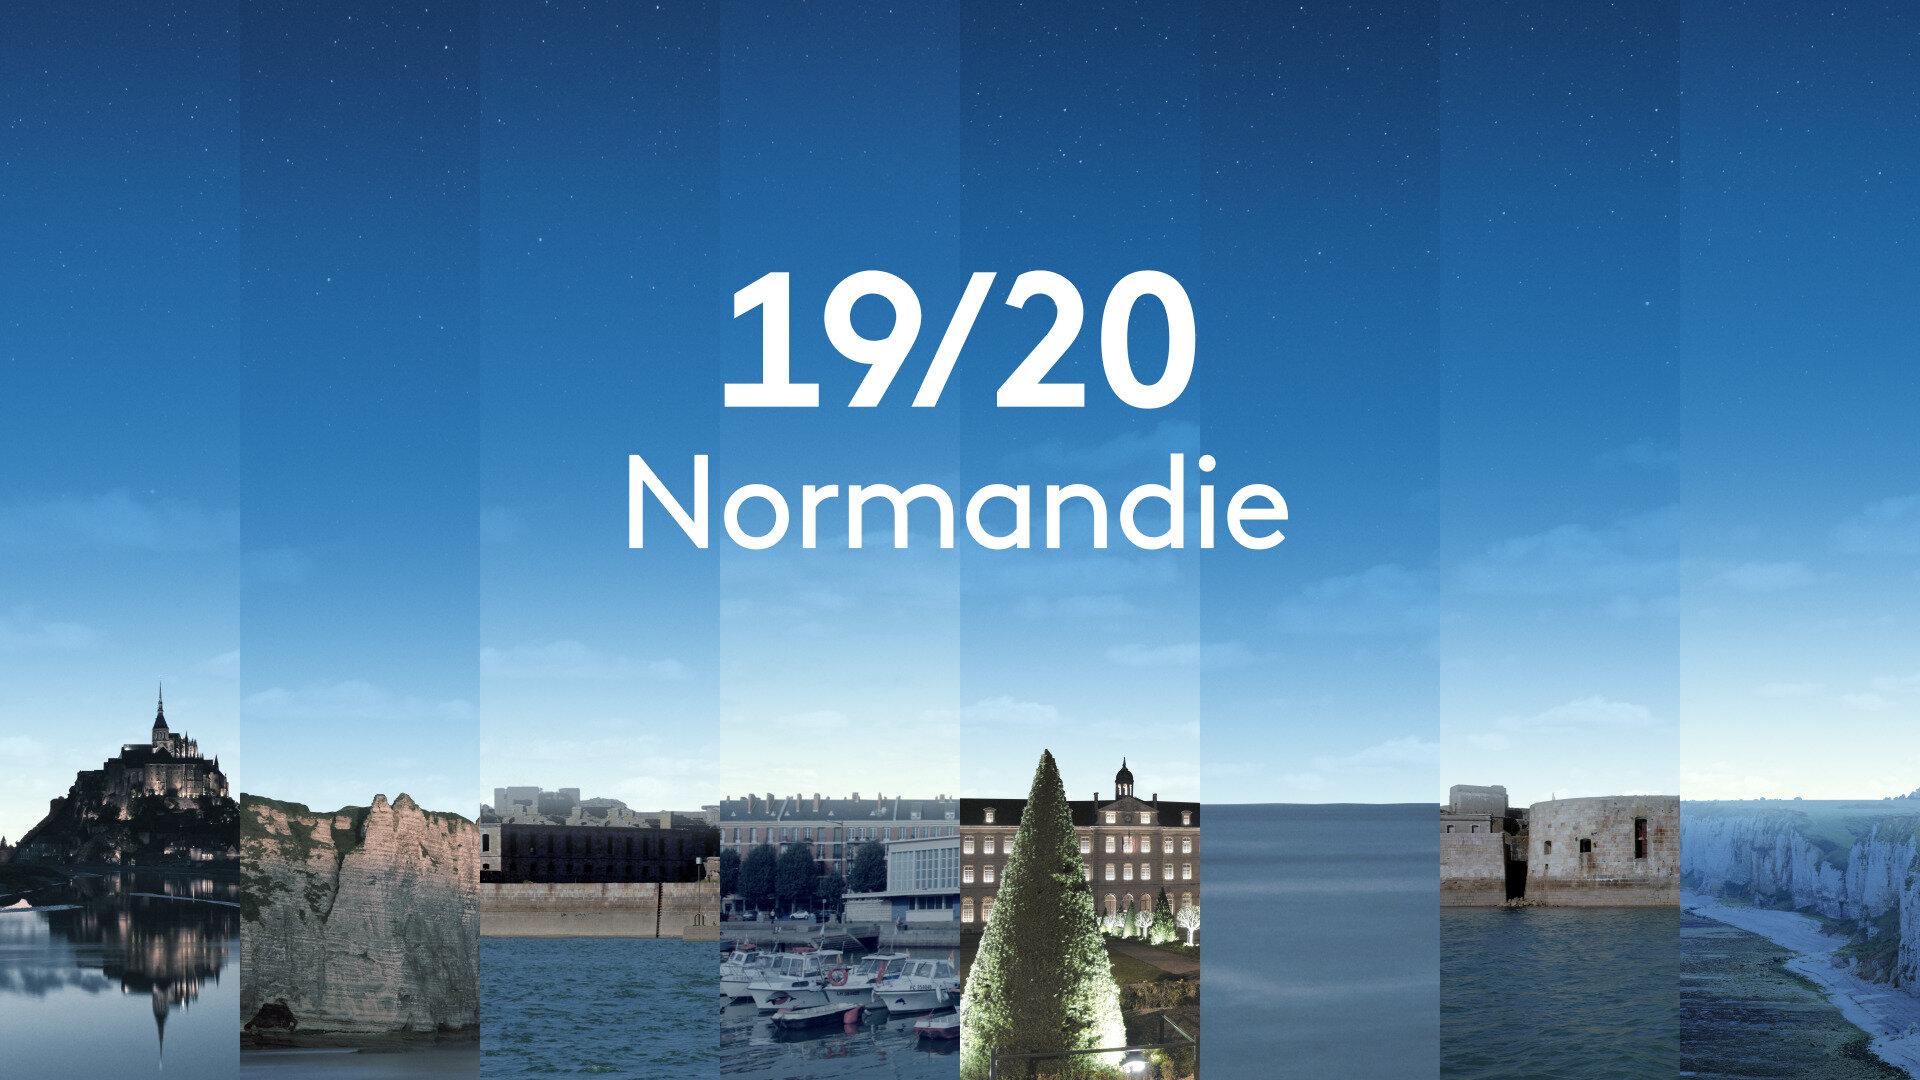 19/20 Normandie : Sur la route des trésors cachés des plages du Calvados avec Pauline Latrouitte